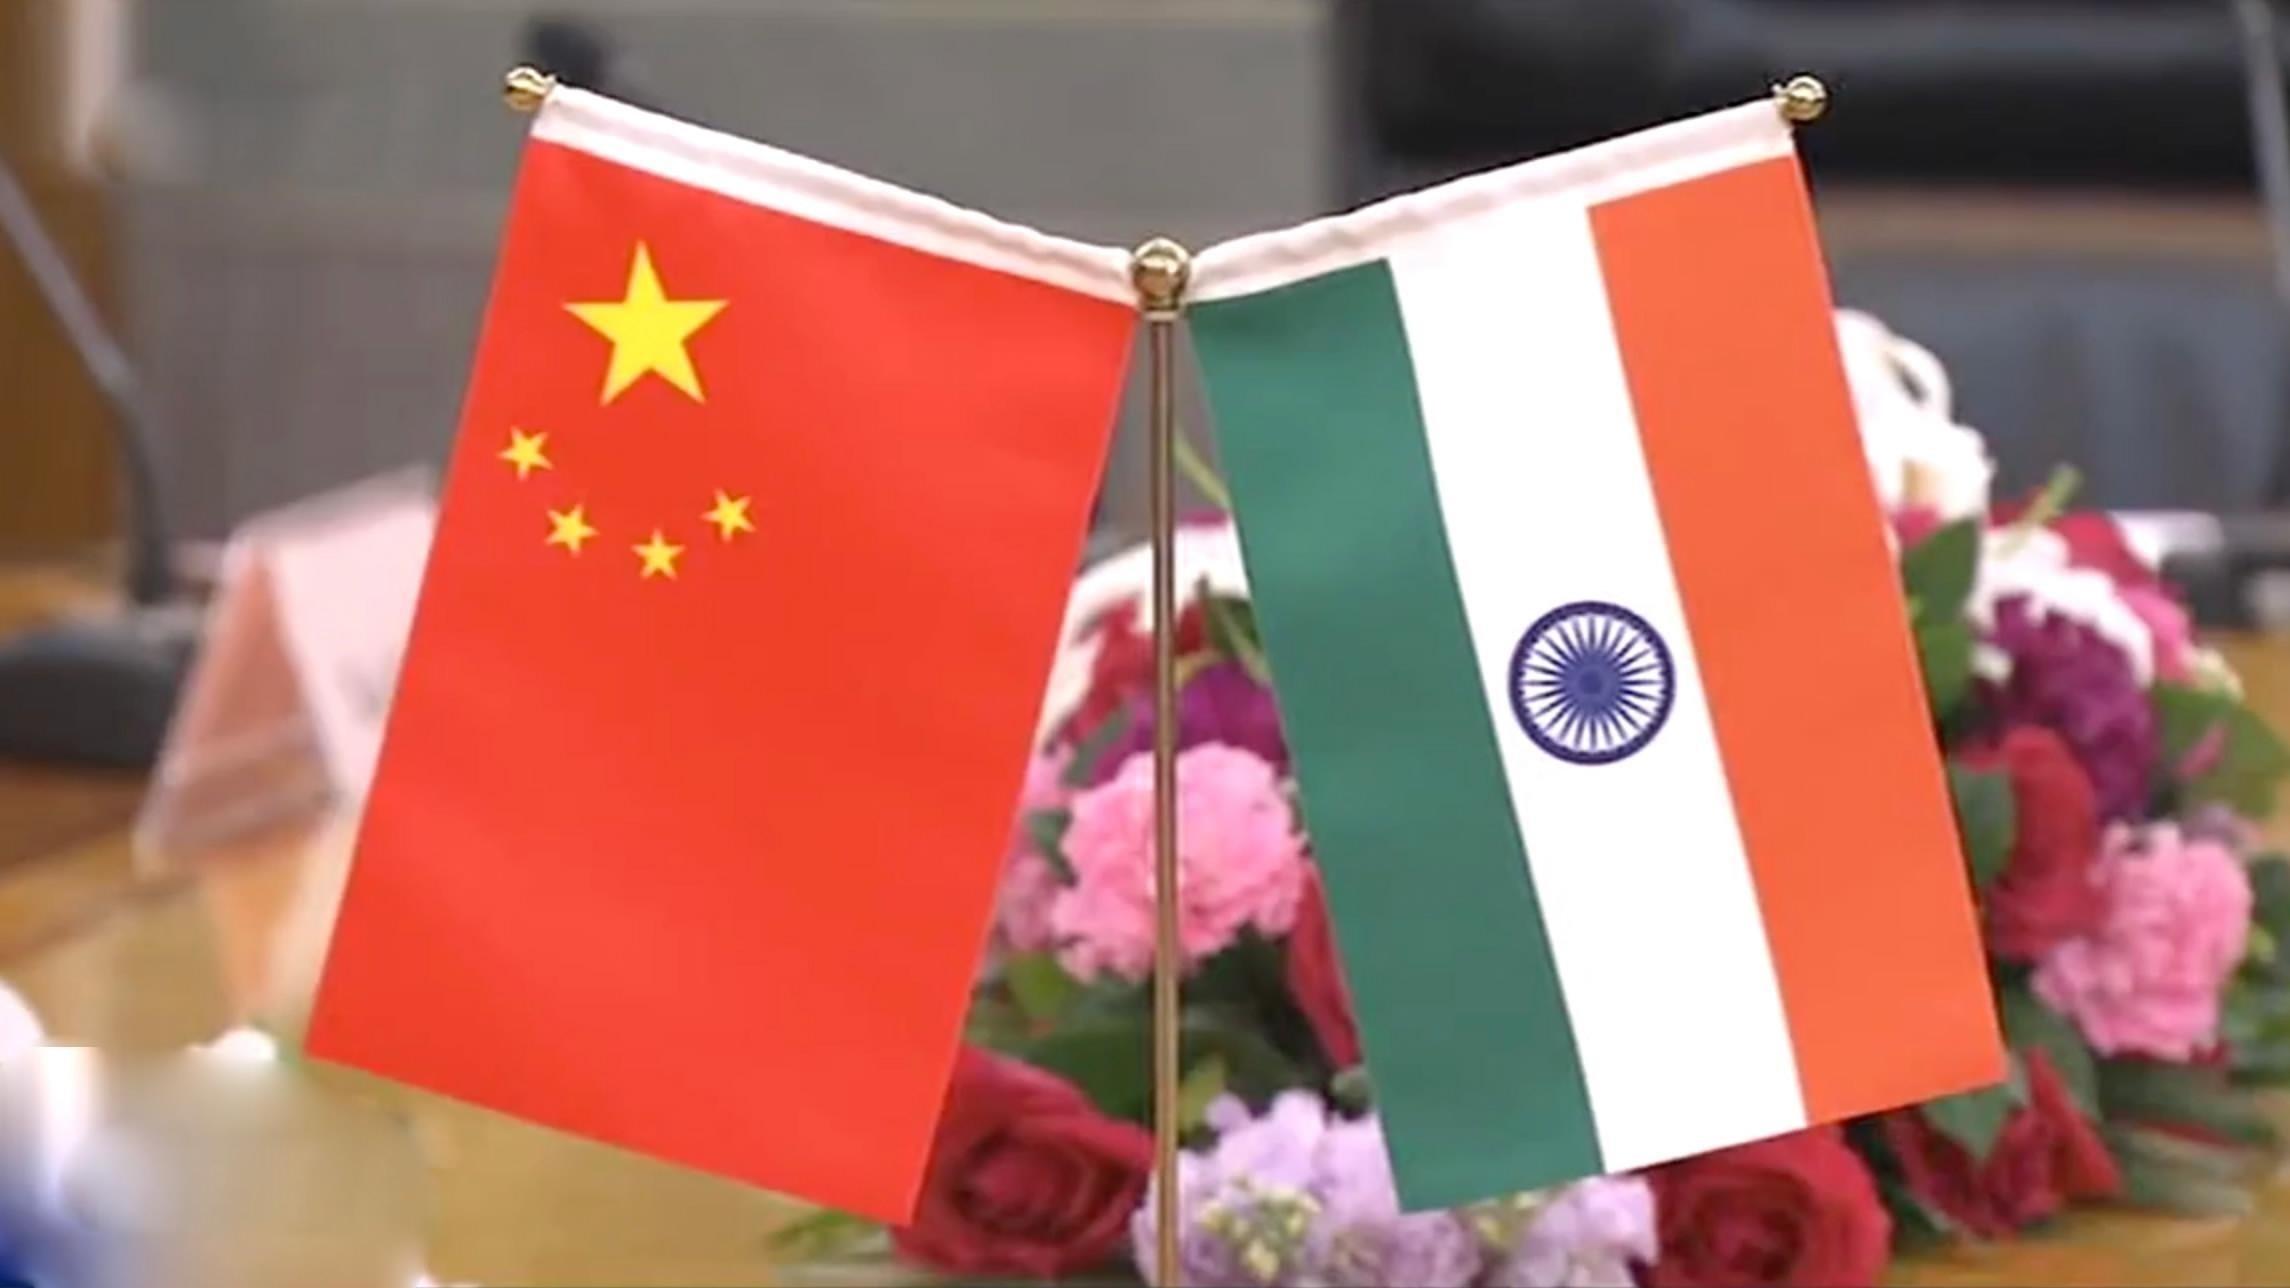 الصين تتهم القوات الهندية بإطلاق 7d5ab369-8bb6-484e-9ed4-6d9740b26602.jpg